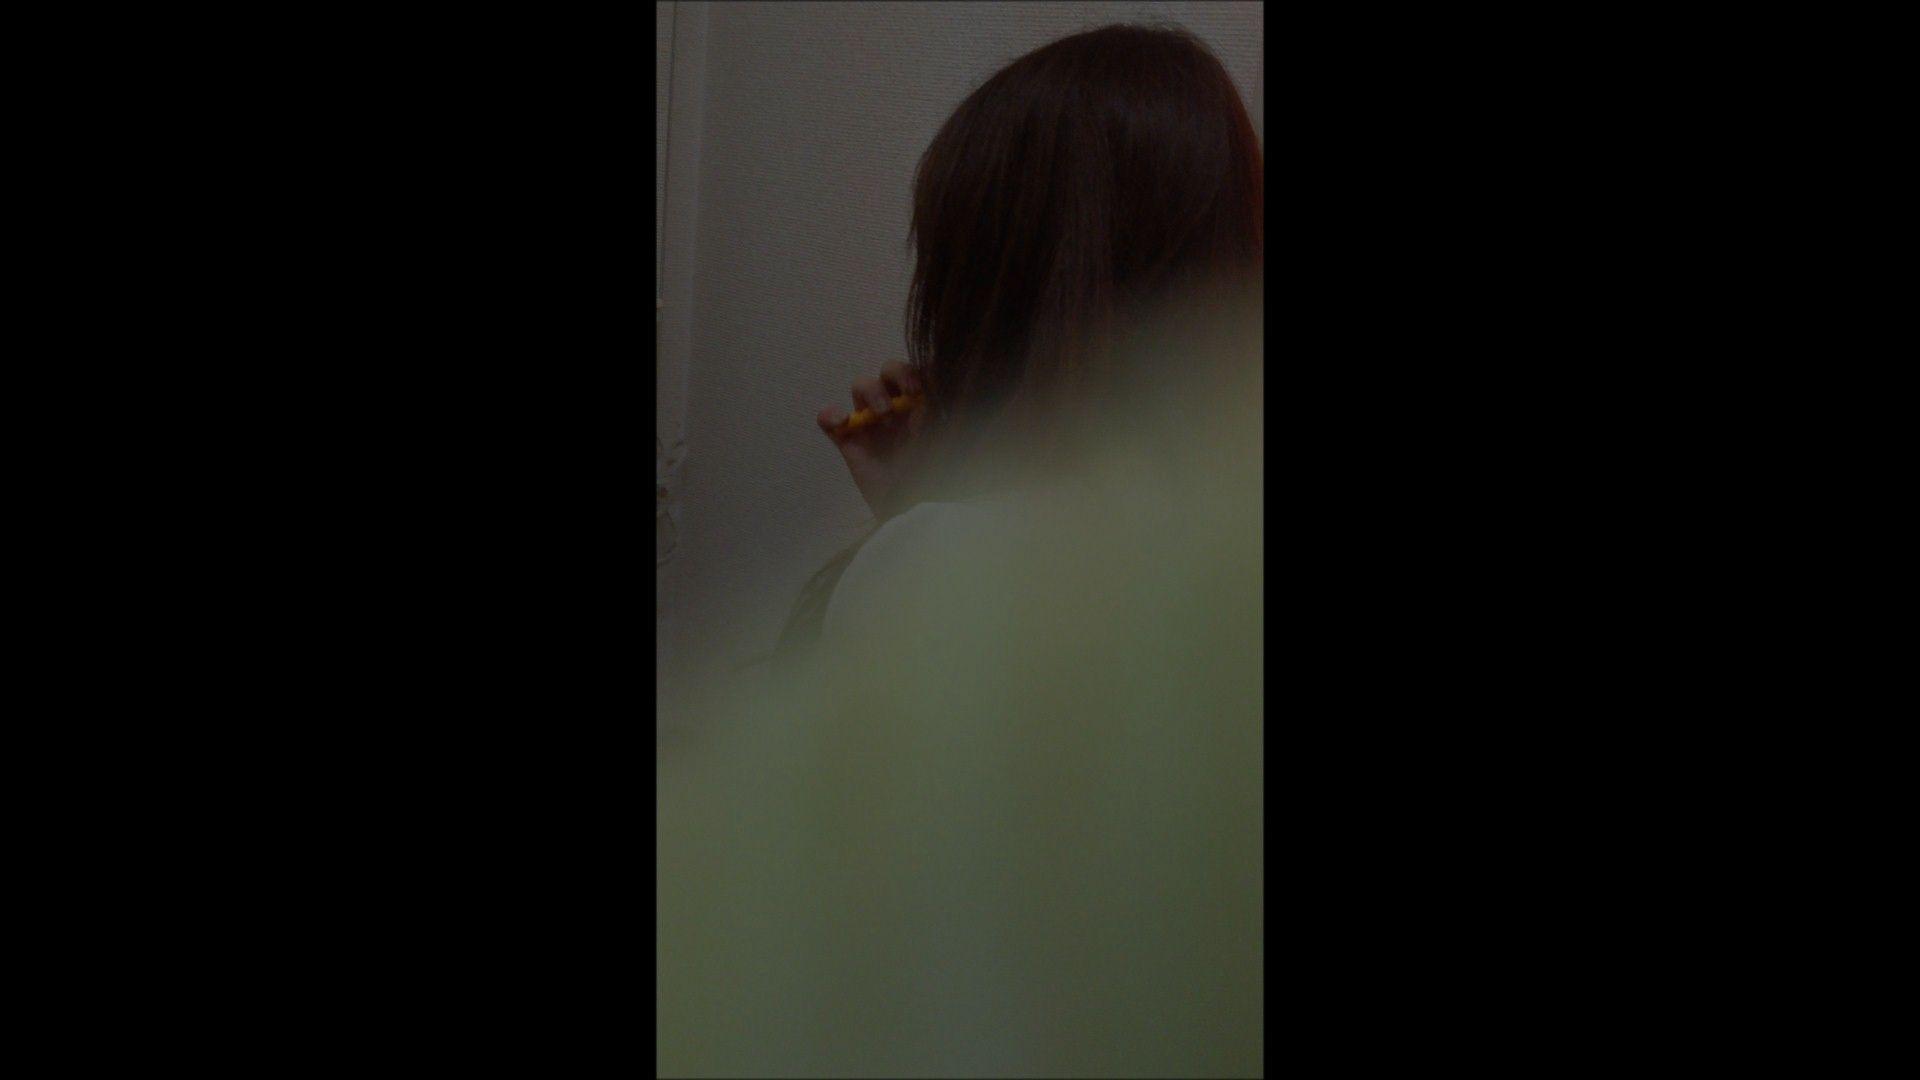 08(8日目)メイク中の彼女の顔を撮りました! マンコ特集 | オマンコ丸見え  59連発 56